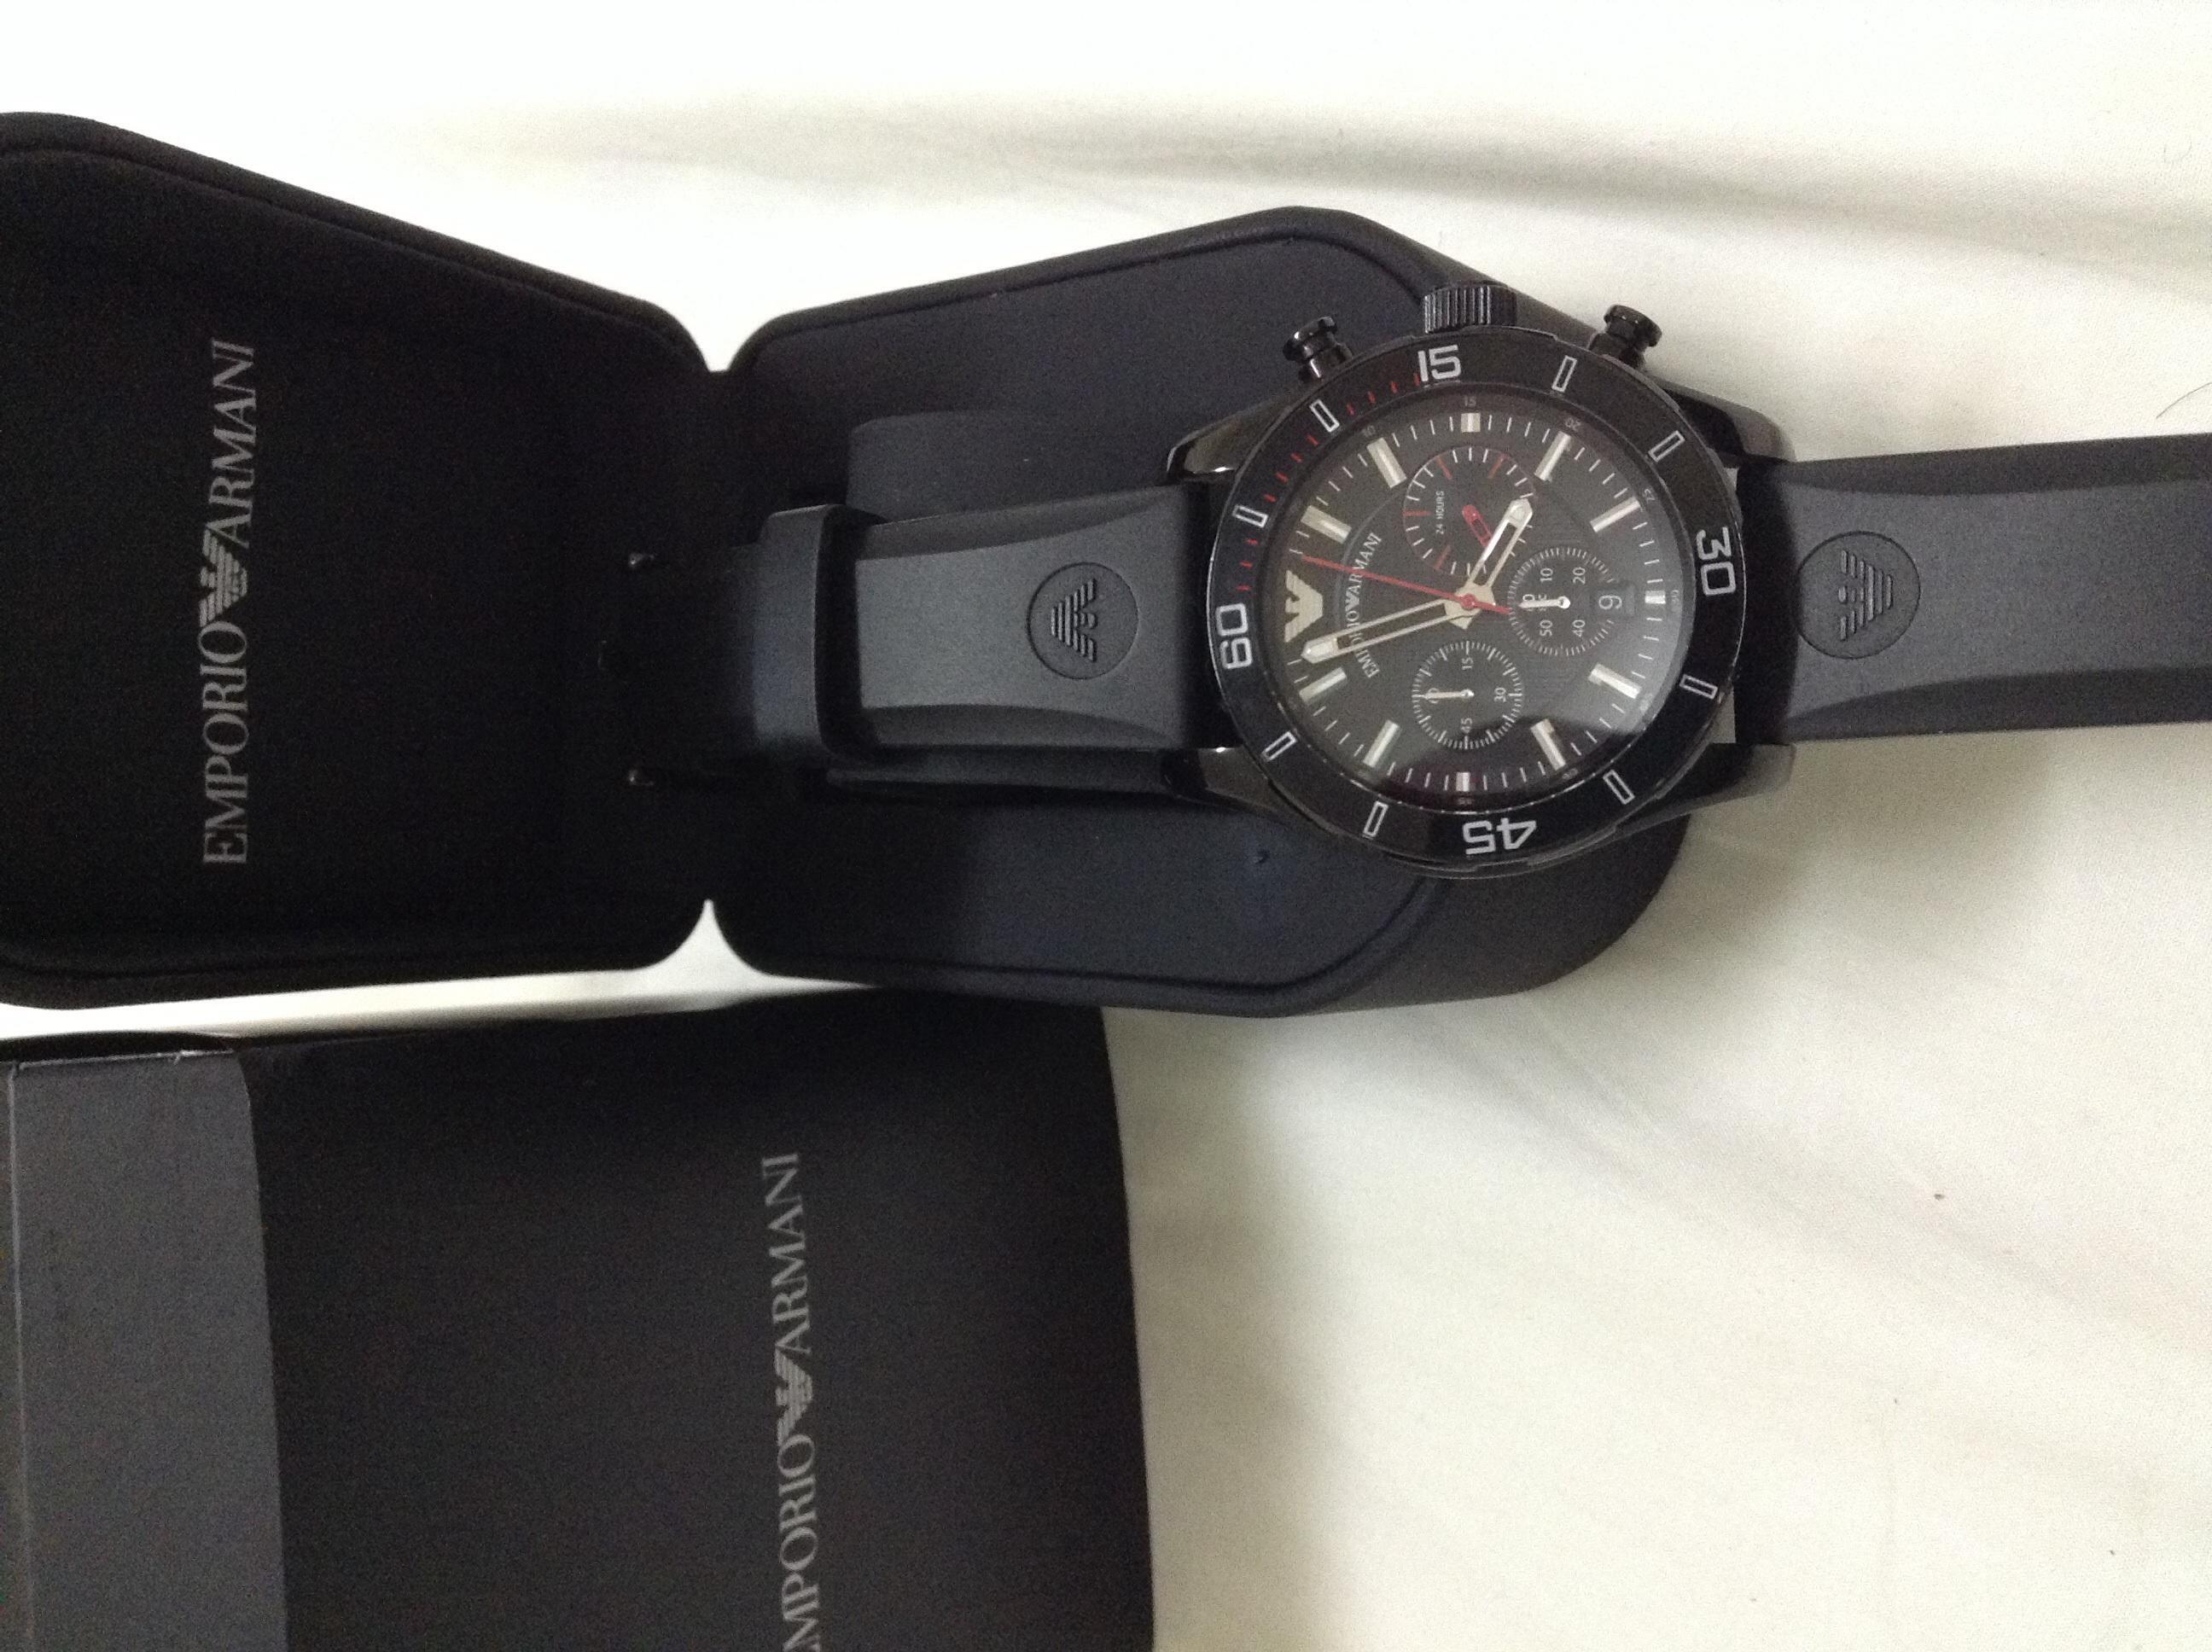 839edba19e364 EMPORIO ARMANI watch for sale